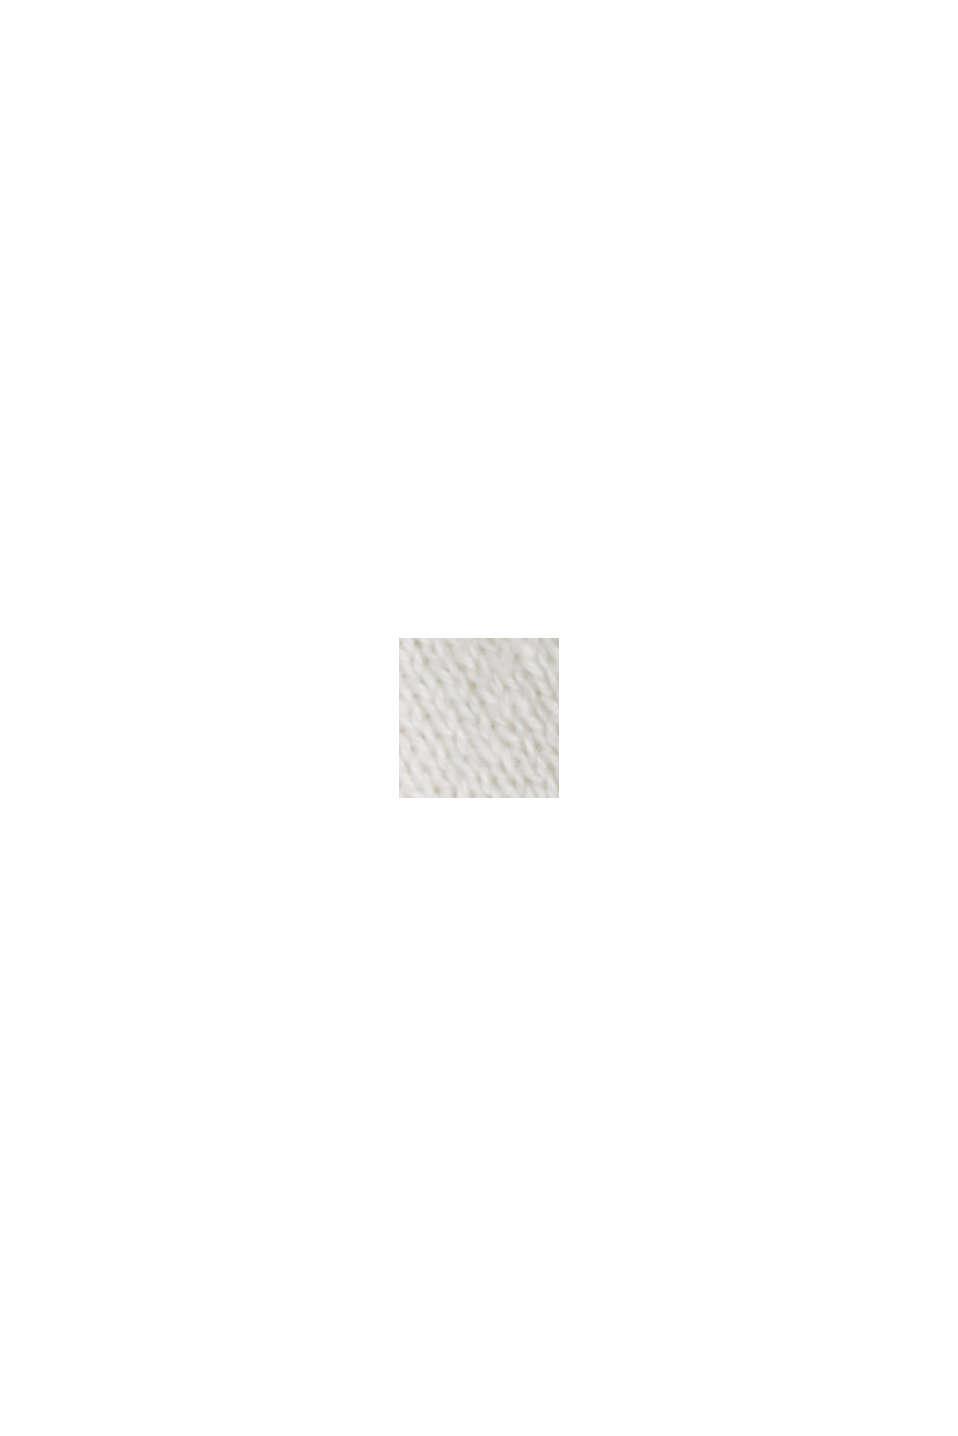 En chanvre/coton biologique: polo en fine maille, OFF WHITE, swatch